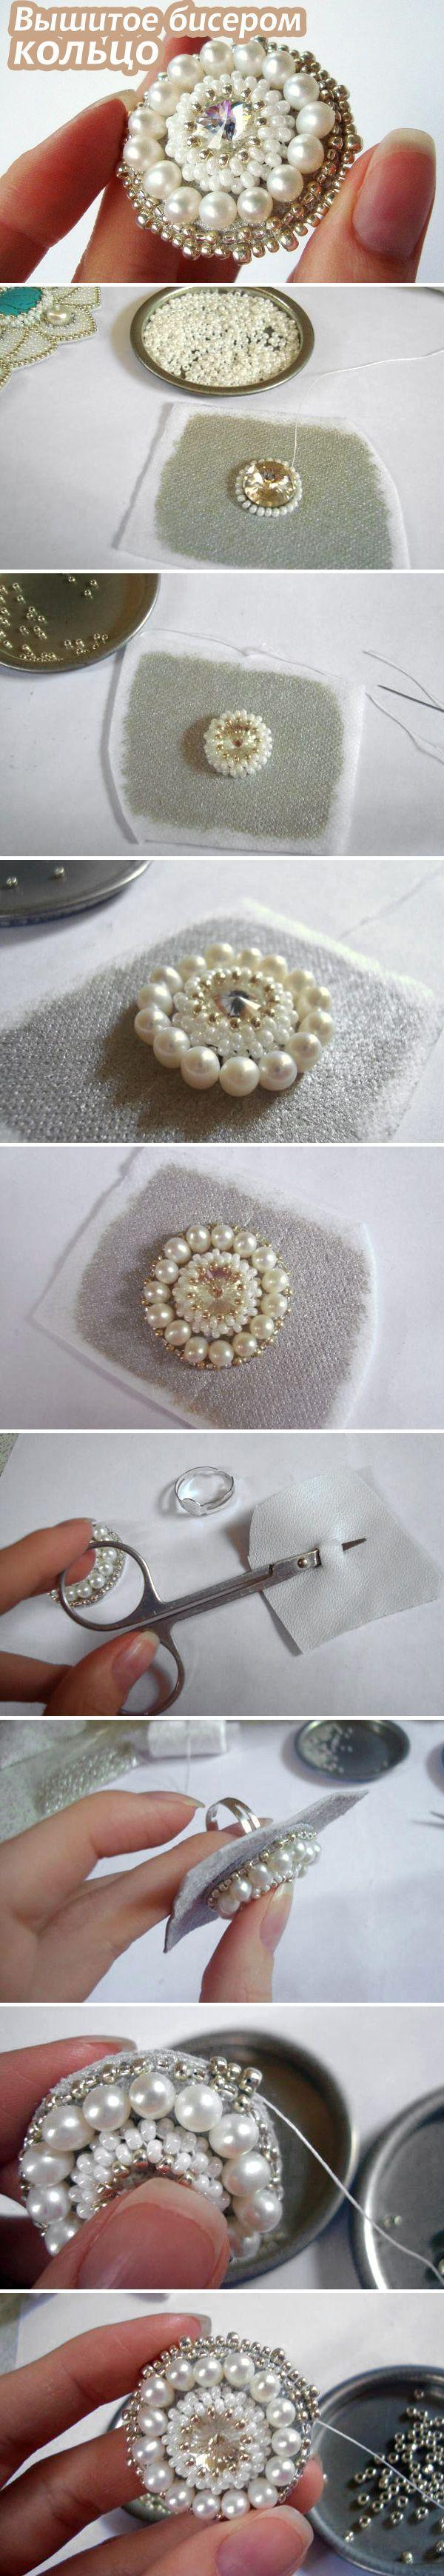 Мастер-класс: Вышитое бисером и жемчугом кольцо / Beaded Ring Tutorial #diy #bead #jewelry: